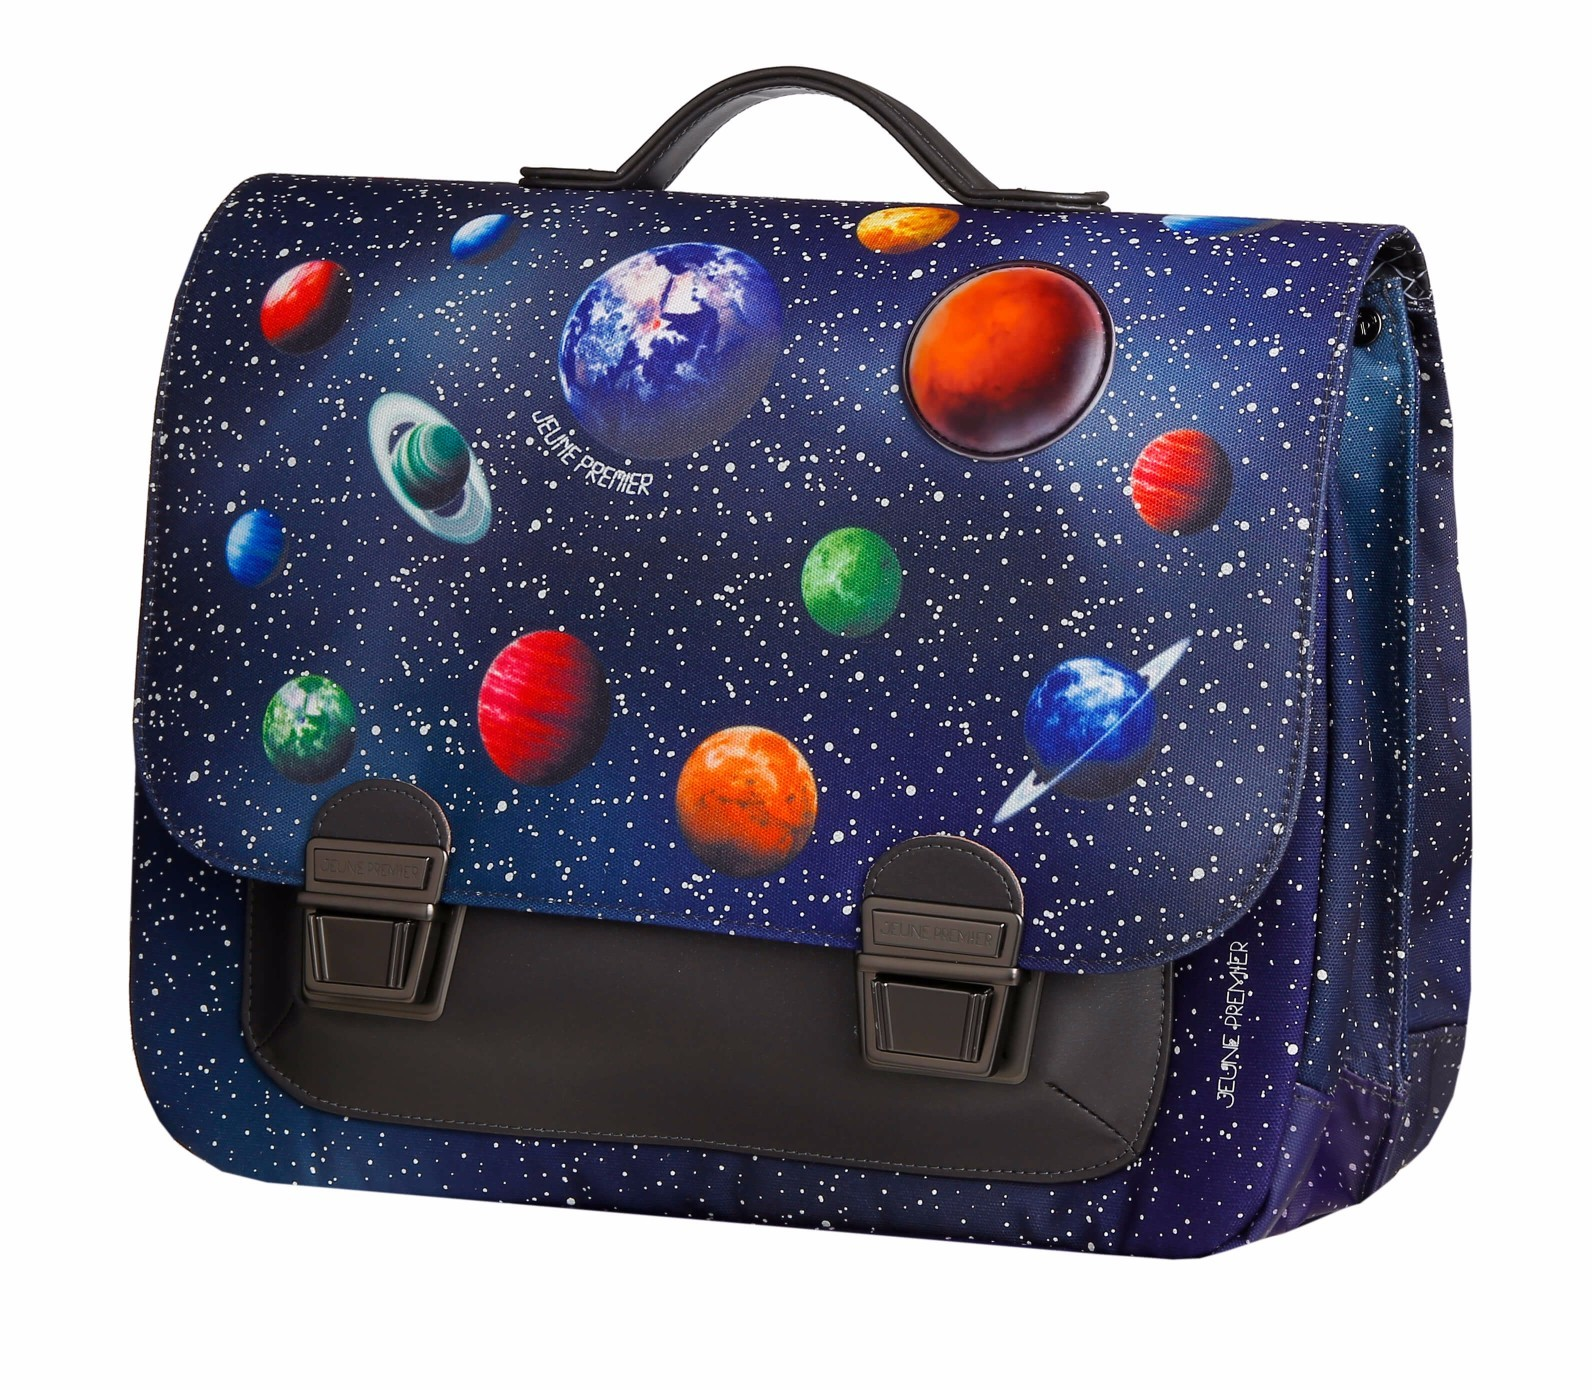 Школьный портфель для мальчика Jeune Premier Space Midi Космос, - фото 3